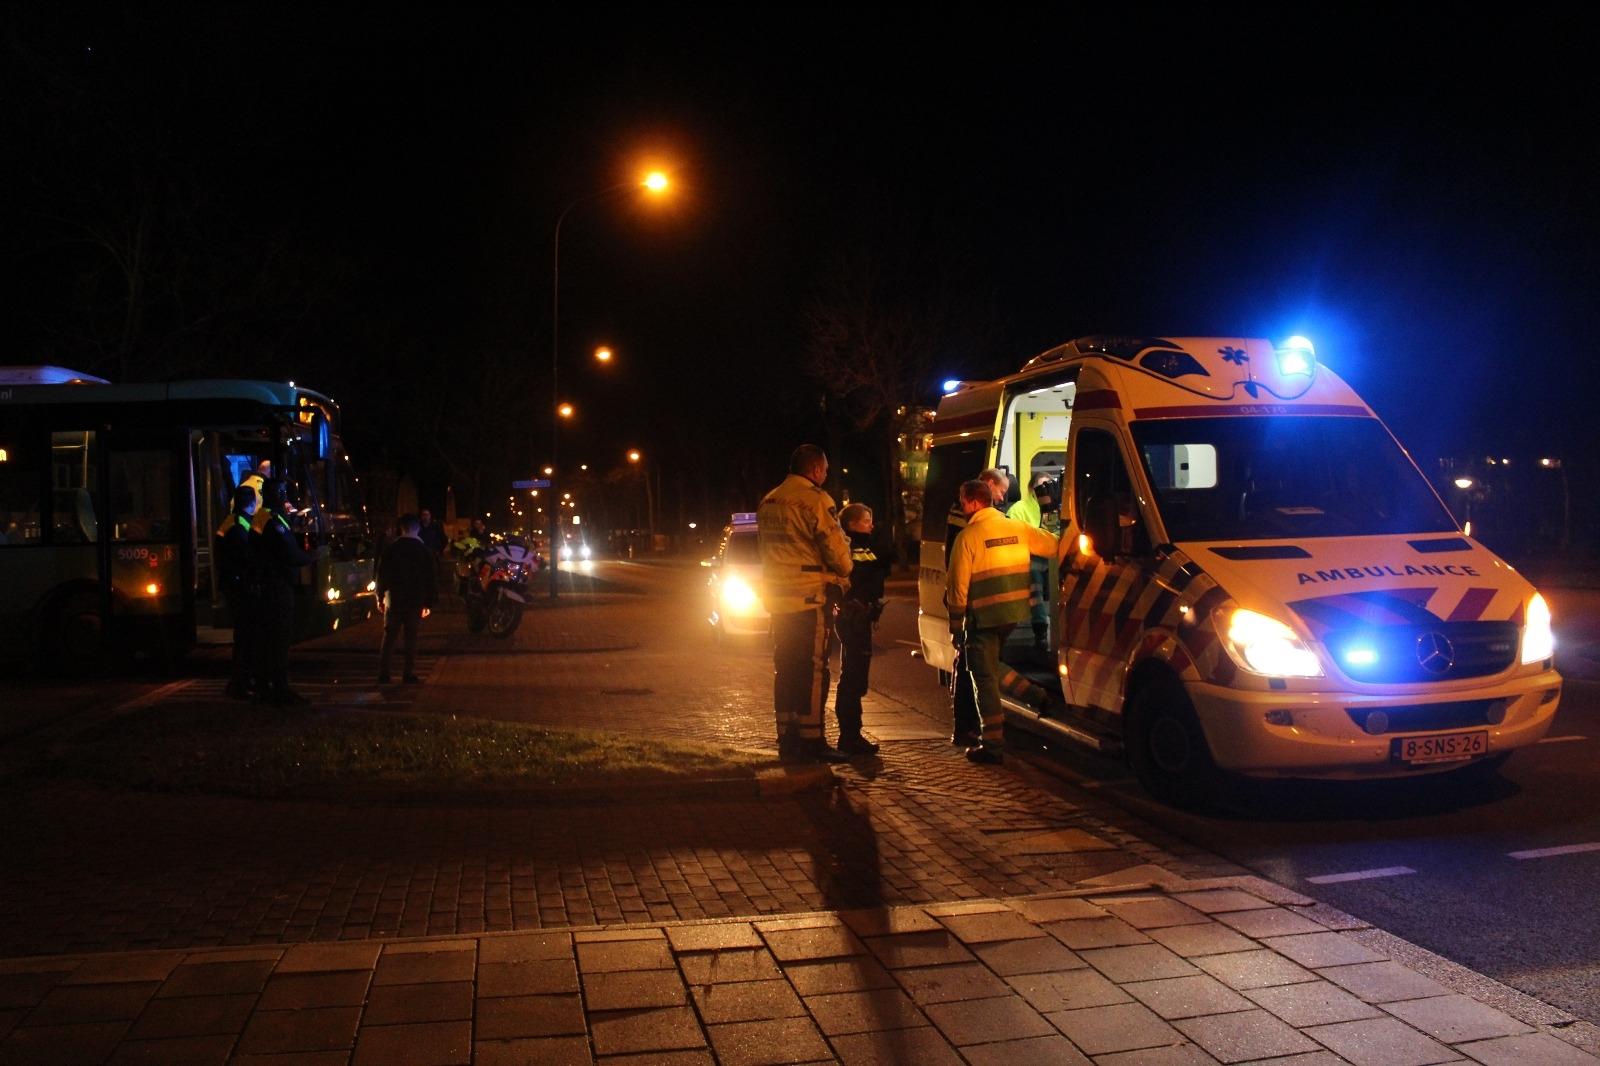 Fietser geschept door bus